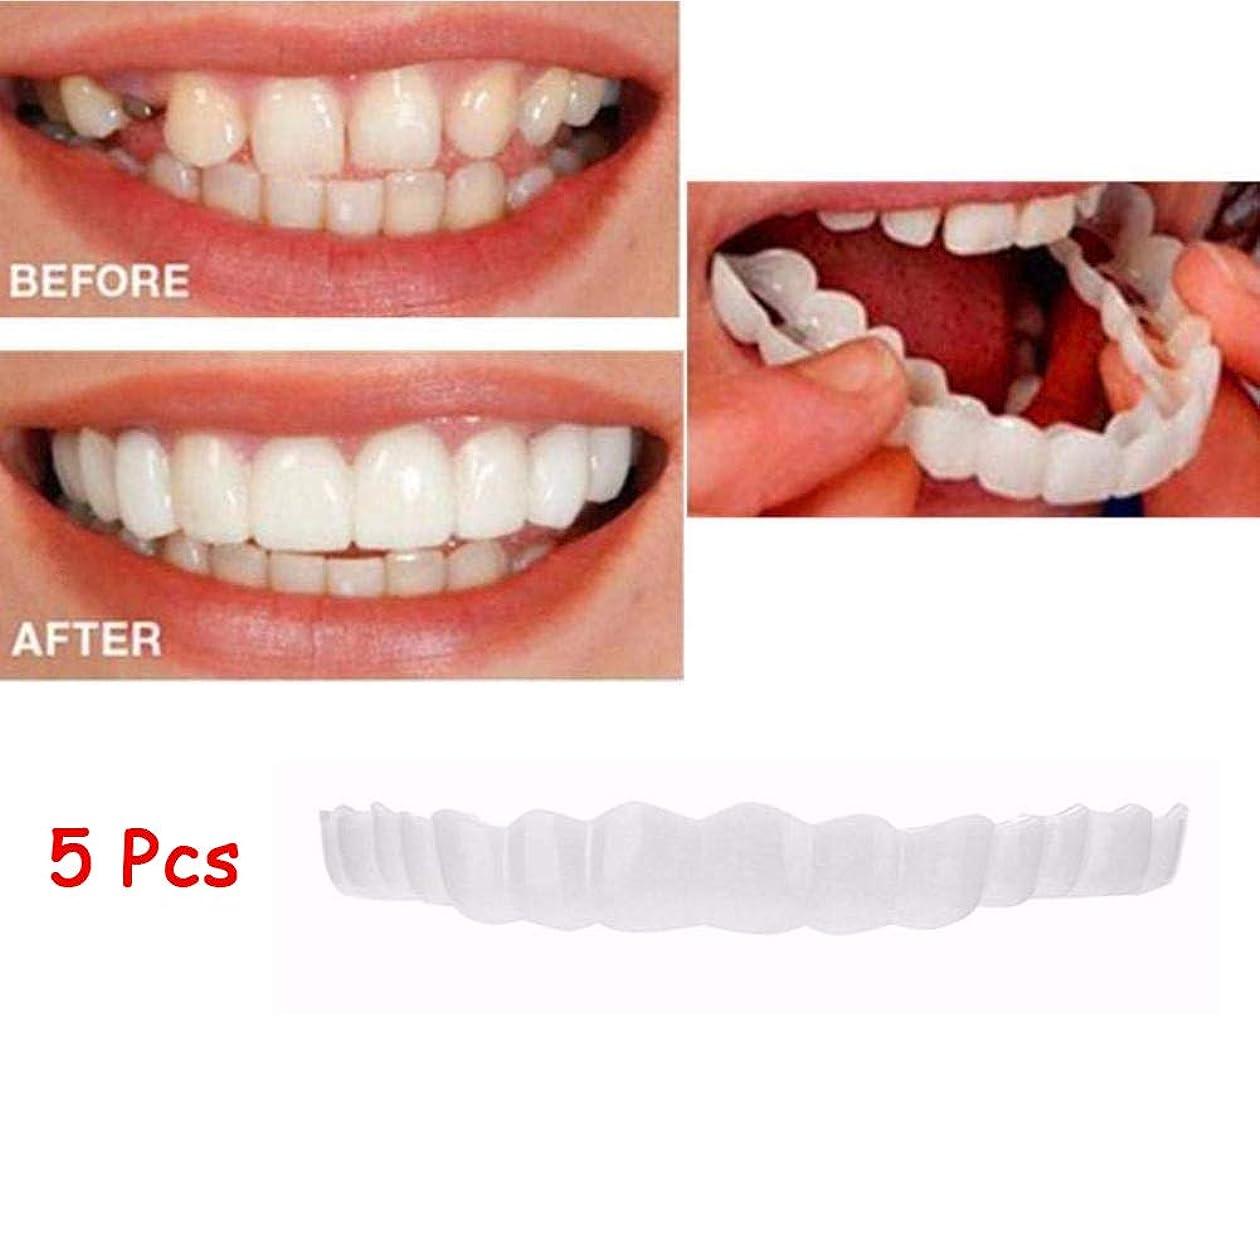 カウンタ引く銀行5本突き板、化粧品の歯 - 一時的な笑顔の快適さフィットフレックス化粧品の歯ワンサイズは最も快適な歯のベニーにフィット